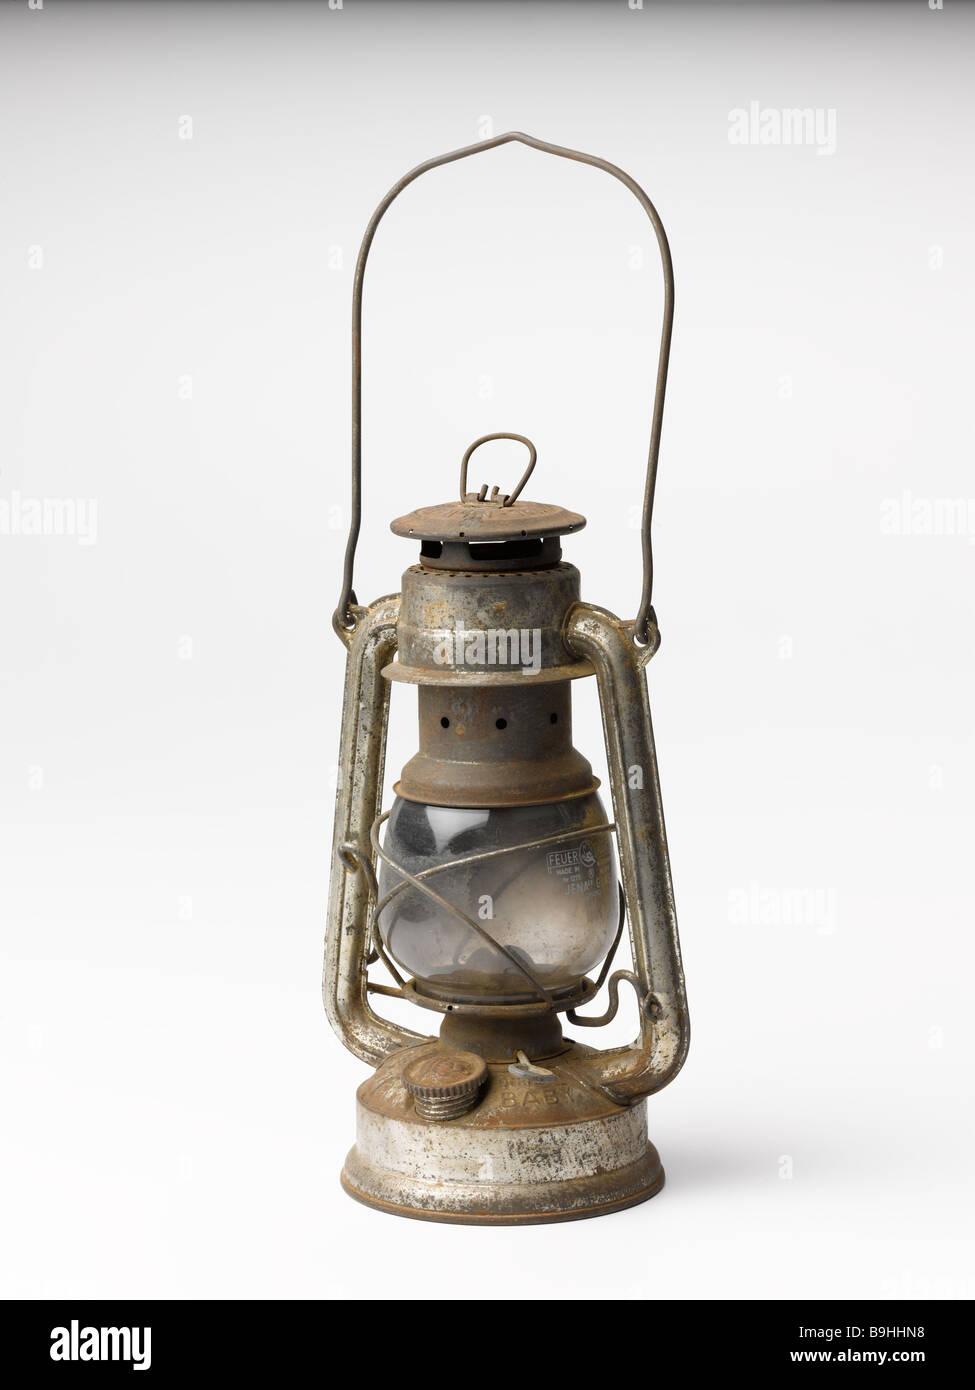 Vecchio/olio/Lampada/olio lampada/ruggine.cut.out.uragano.tin. Immagini Stock